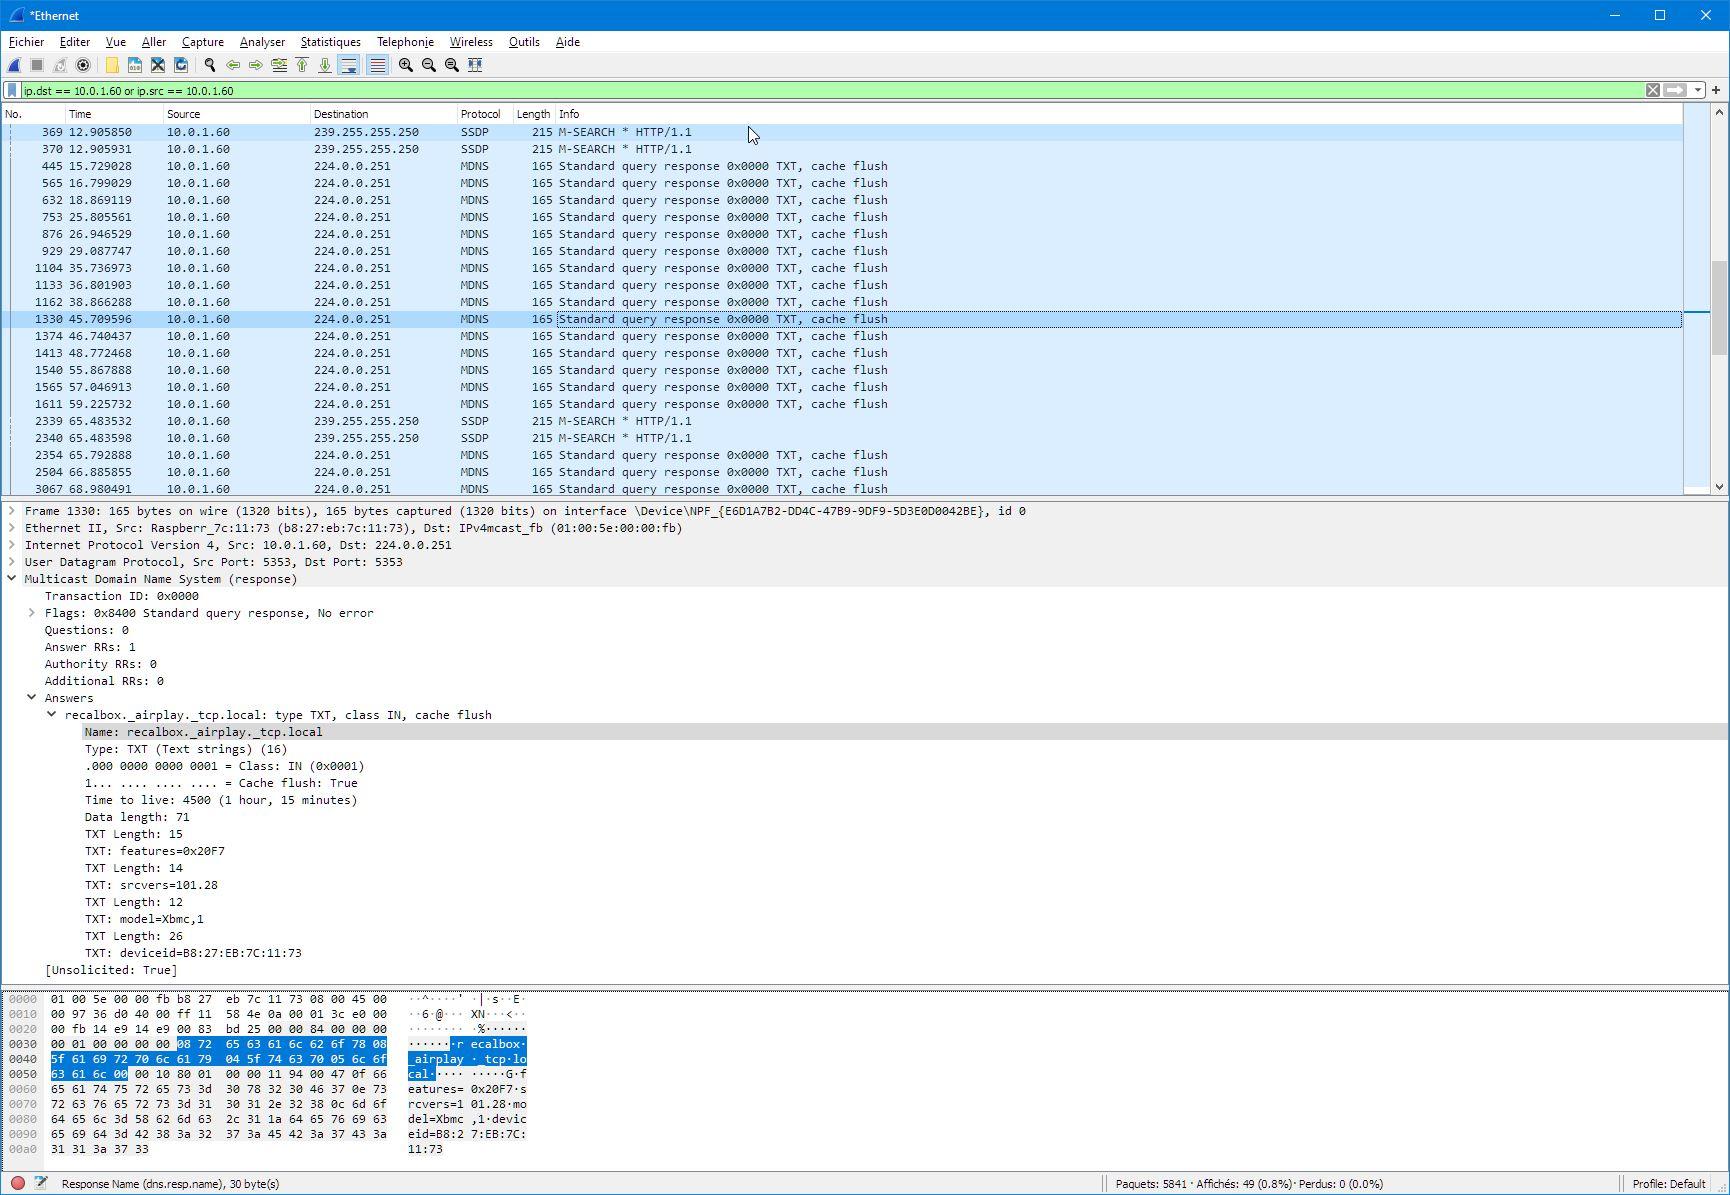 0_1581345867458_2020-02-10 15_43_53-_Ethernet.jpg